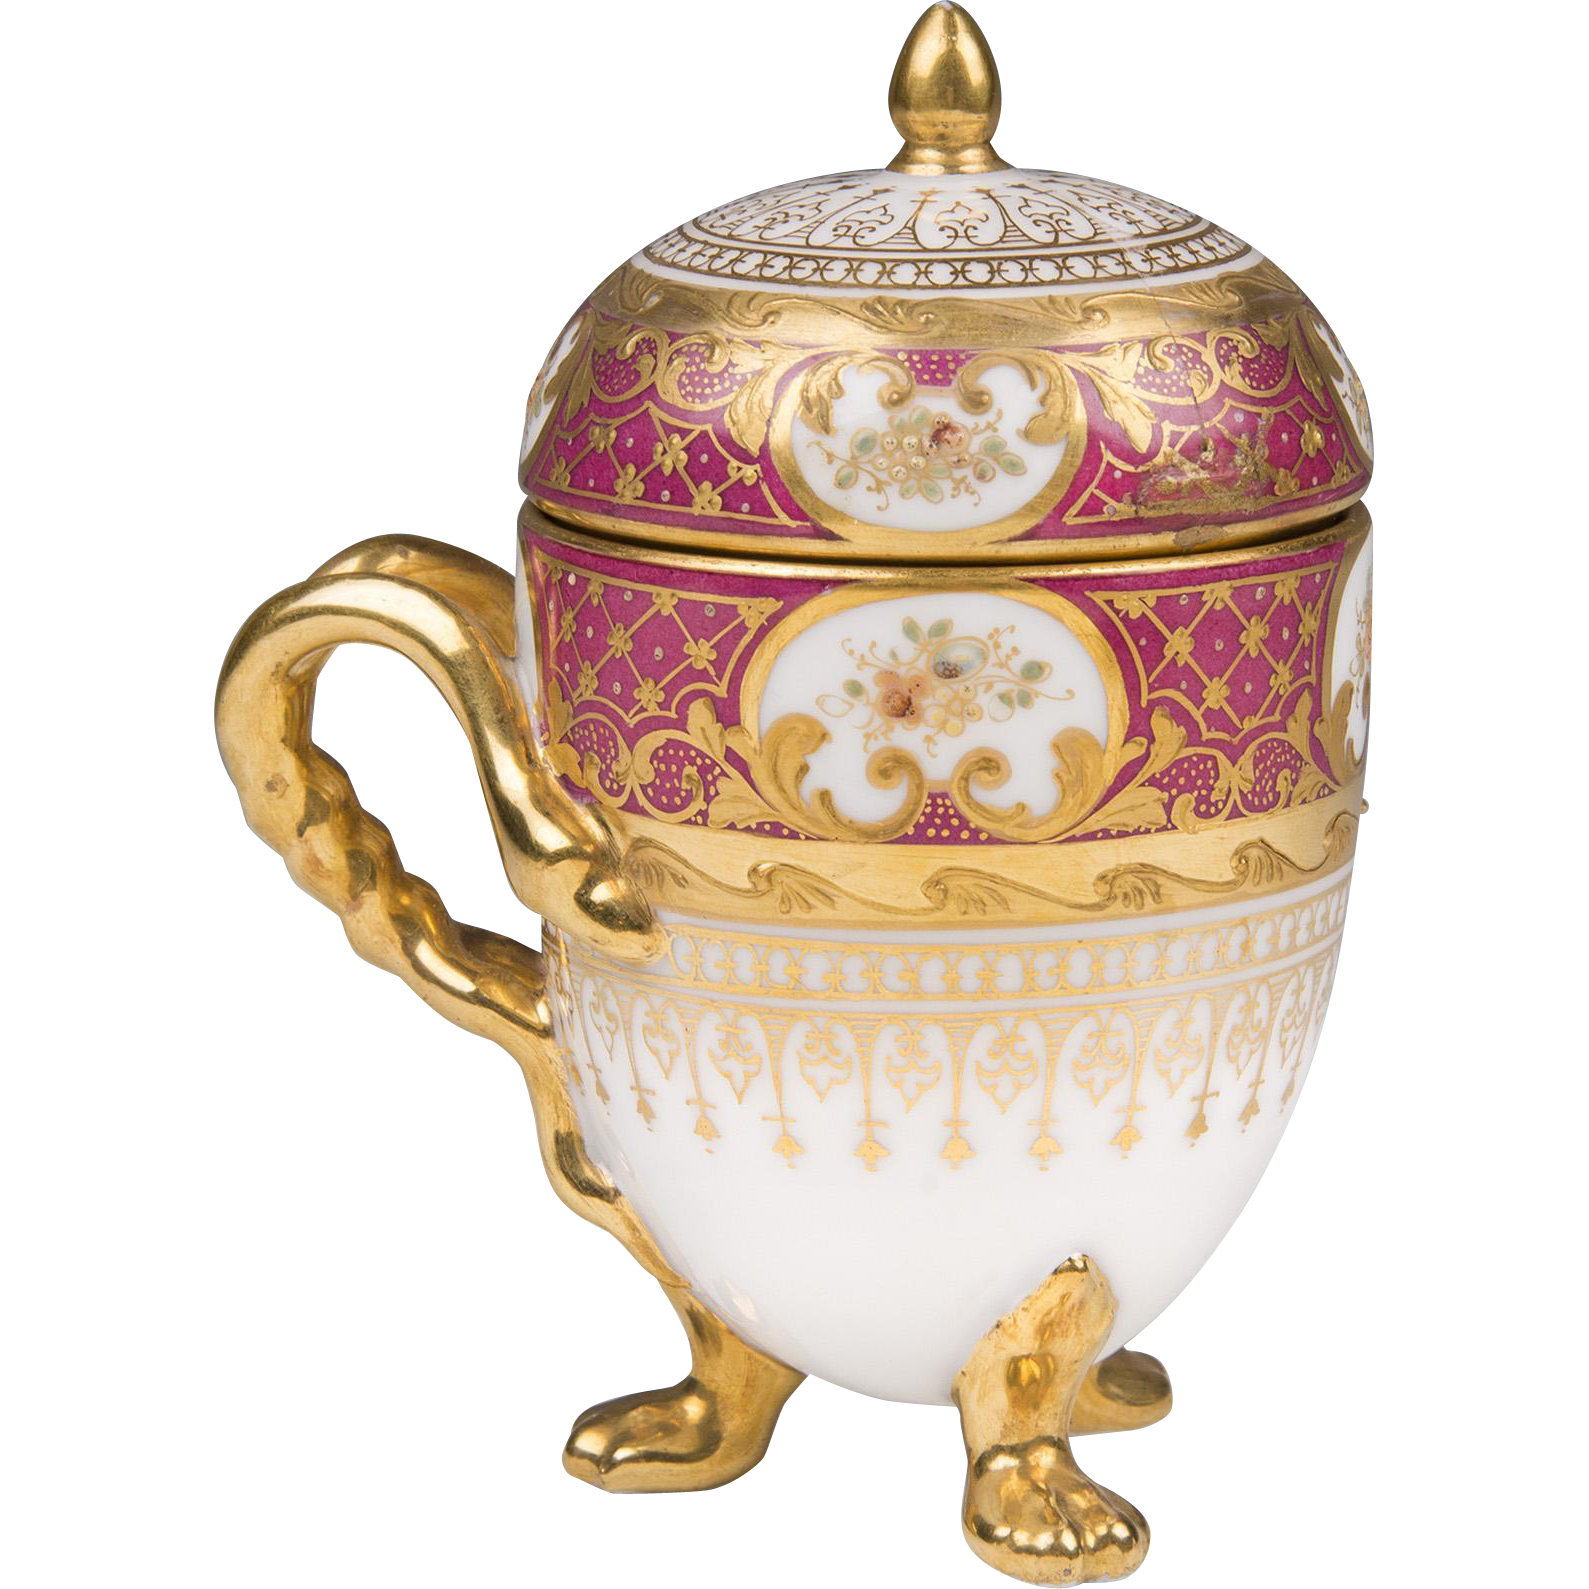 19th C. German Porcelain Pot de Creme; Heufel Decorated